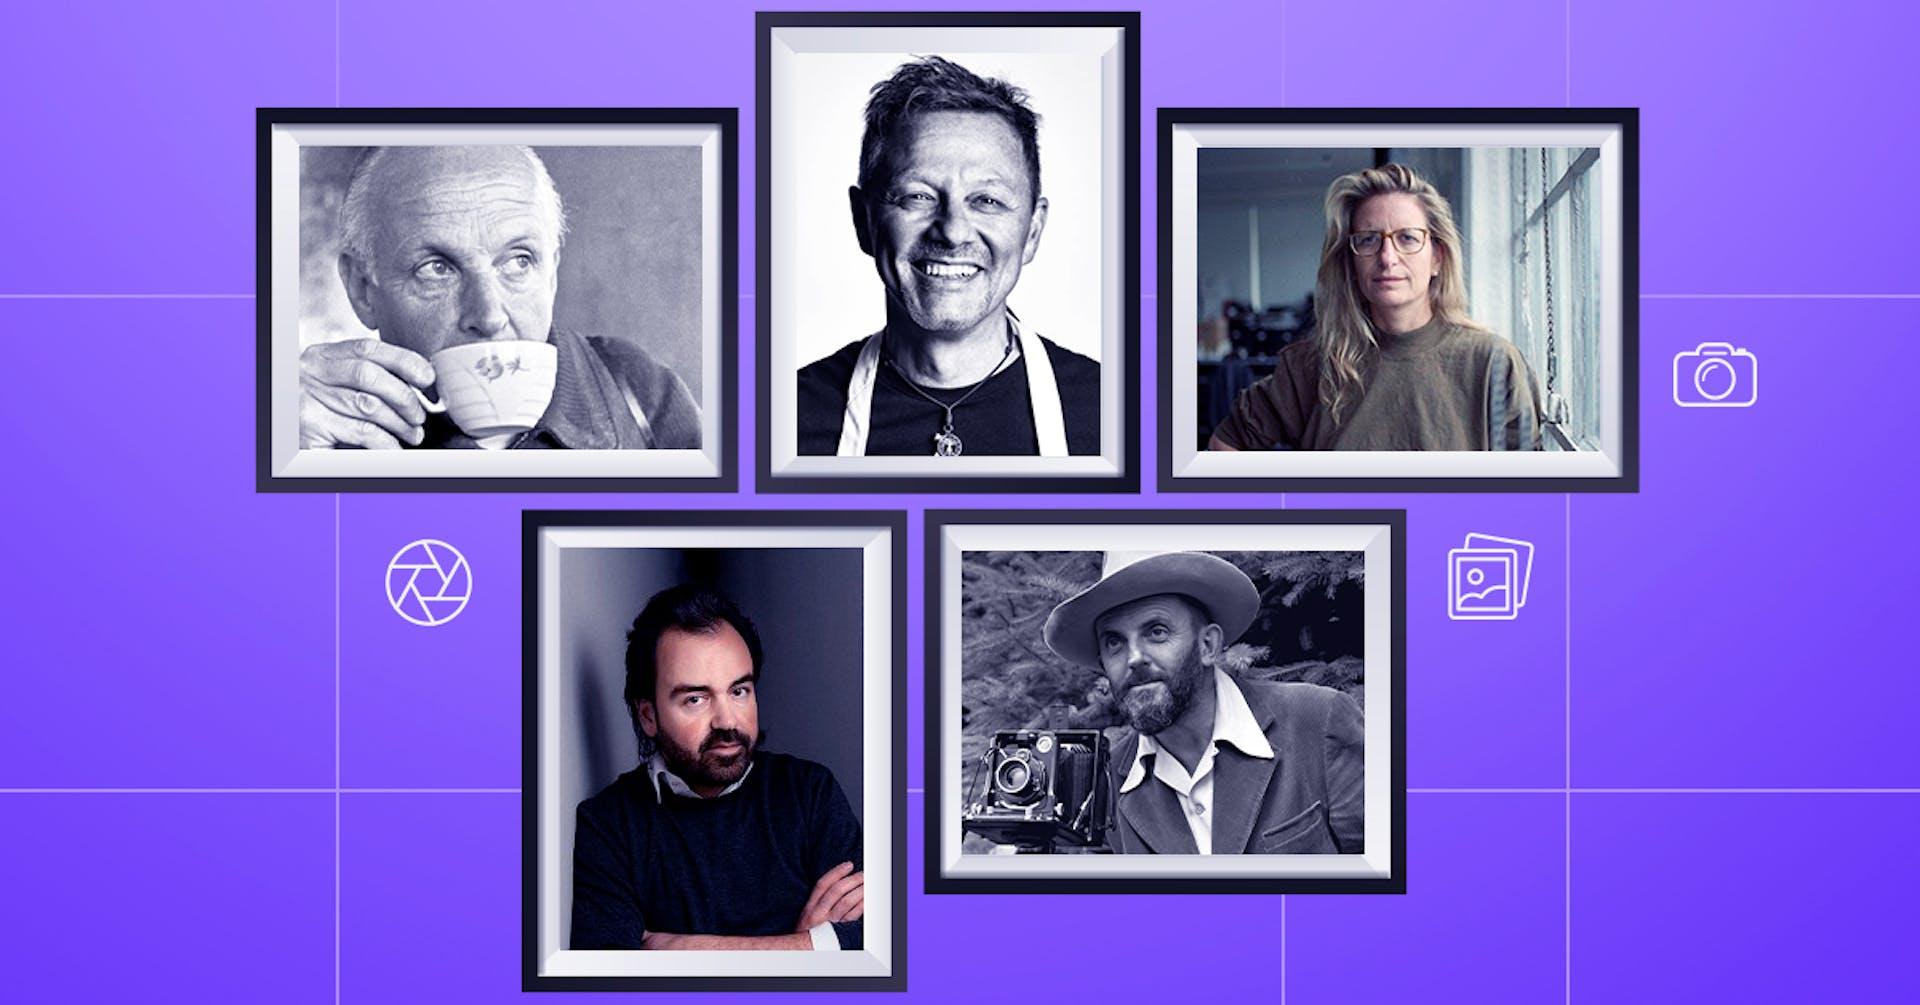 Fotógrafos famosos y su legado trascendental en la industria